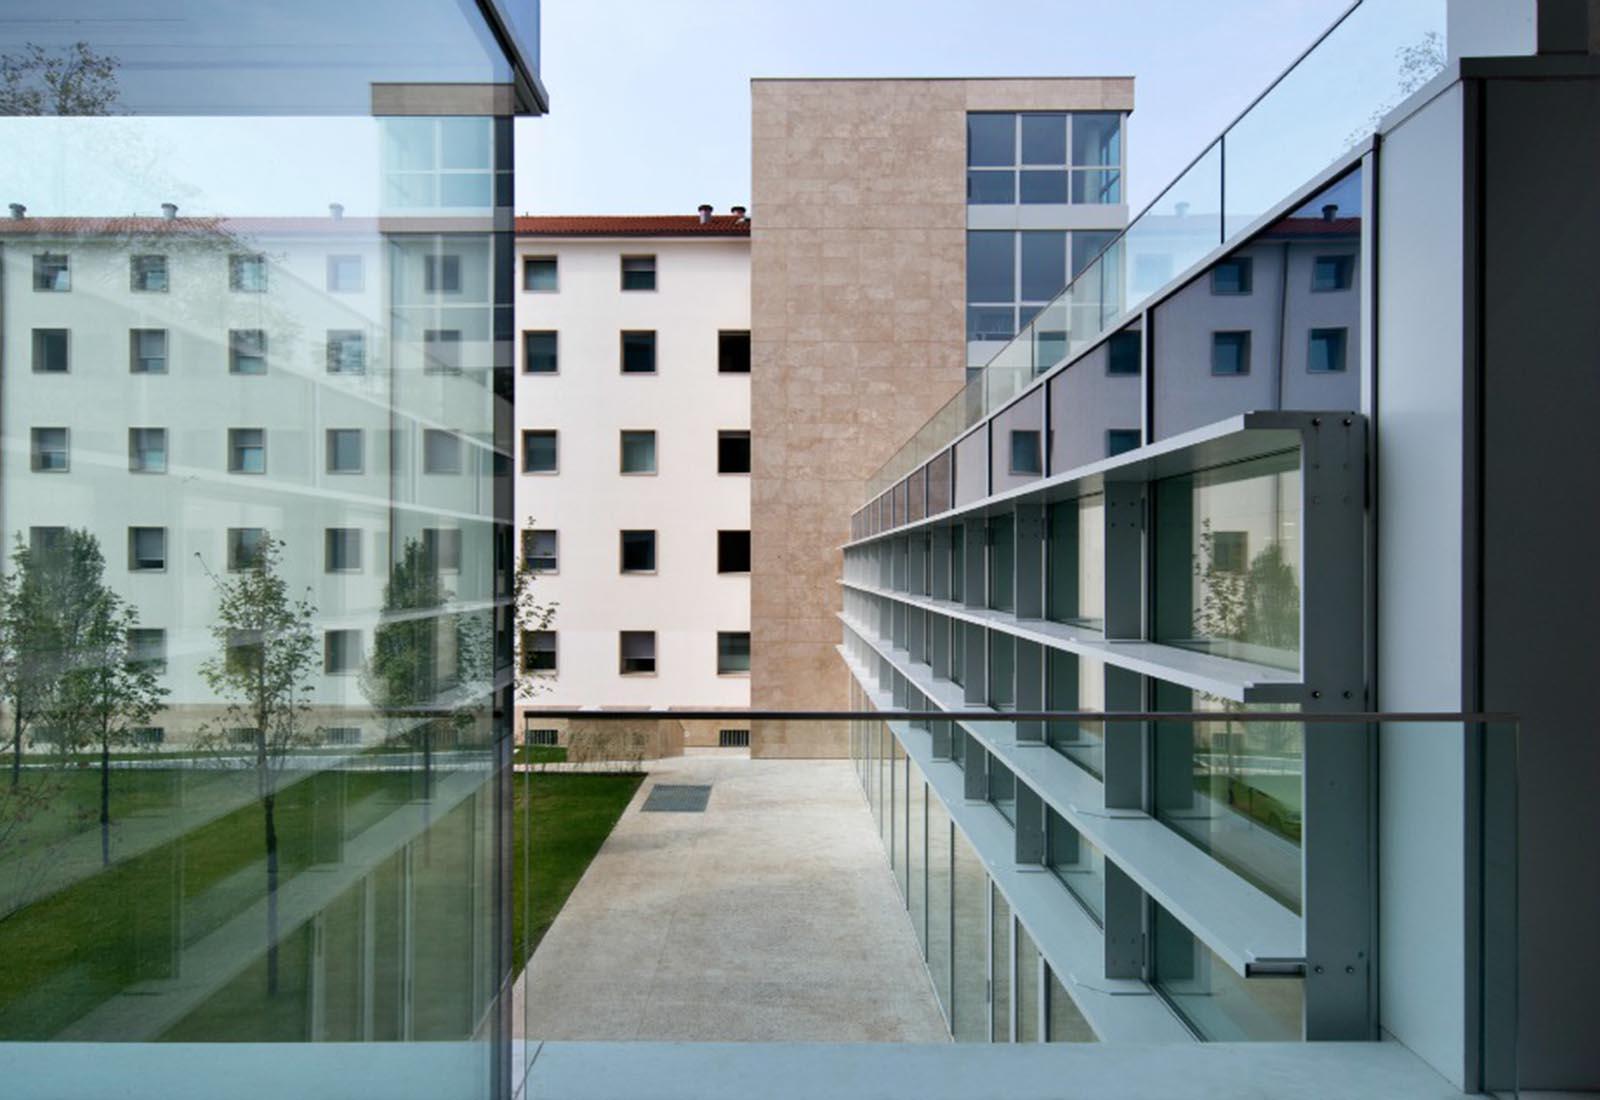 Residenze universitarie Bocconi in viale Isonzo a Milano - Dettaglio della facciata